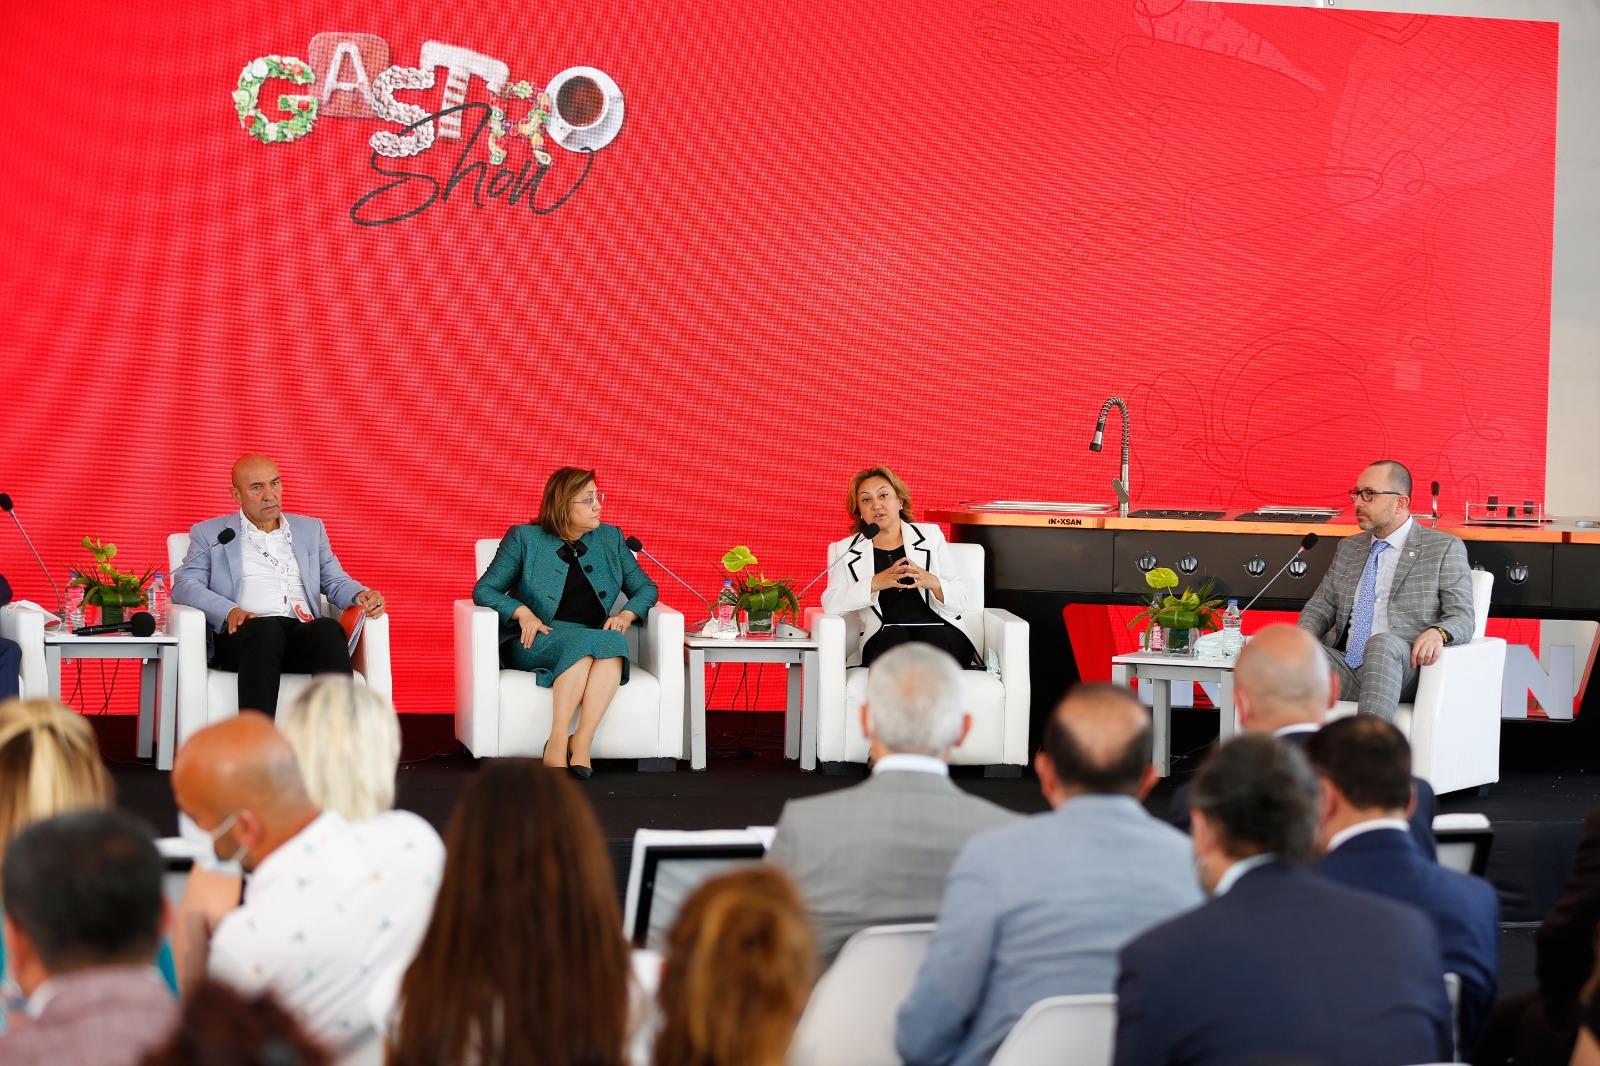 Avrupa'nın En Büyük Gastronomi Turizmi Fuar ve Konferansı Gastro Show Kapılarını Açtı